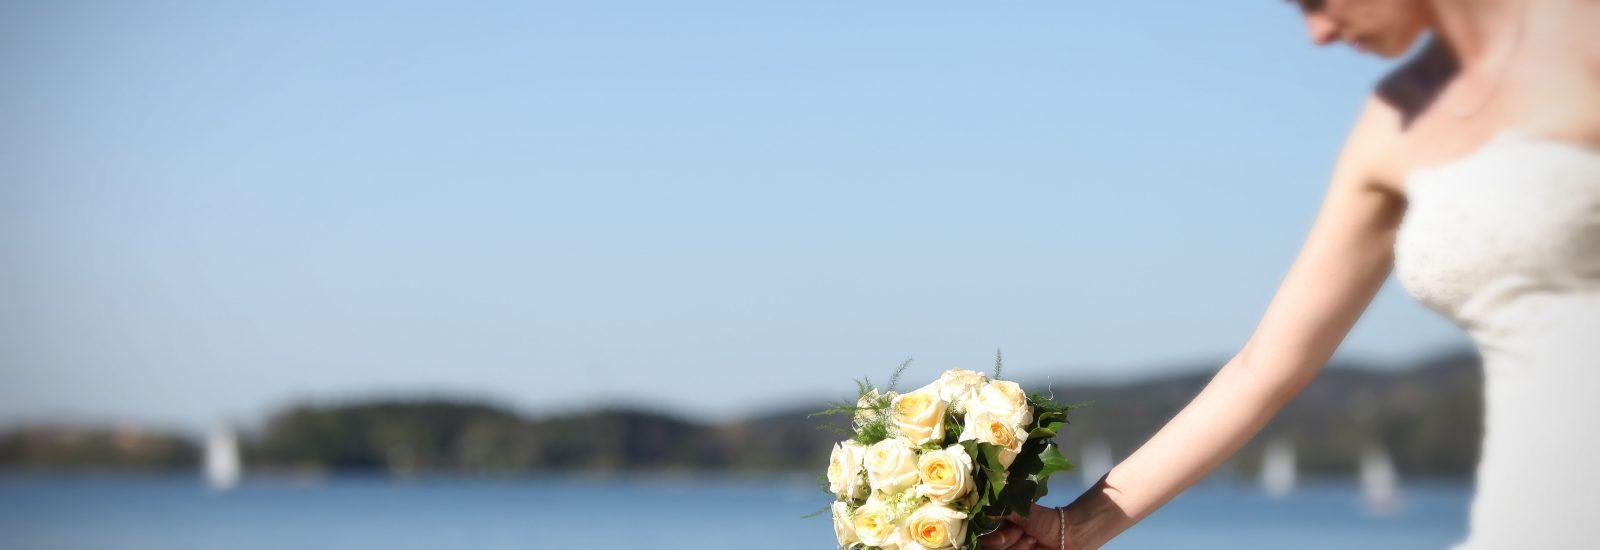 Perfekte Kulisse für glückliche Bräute